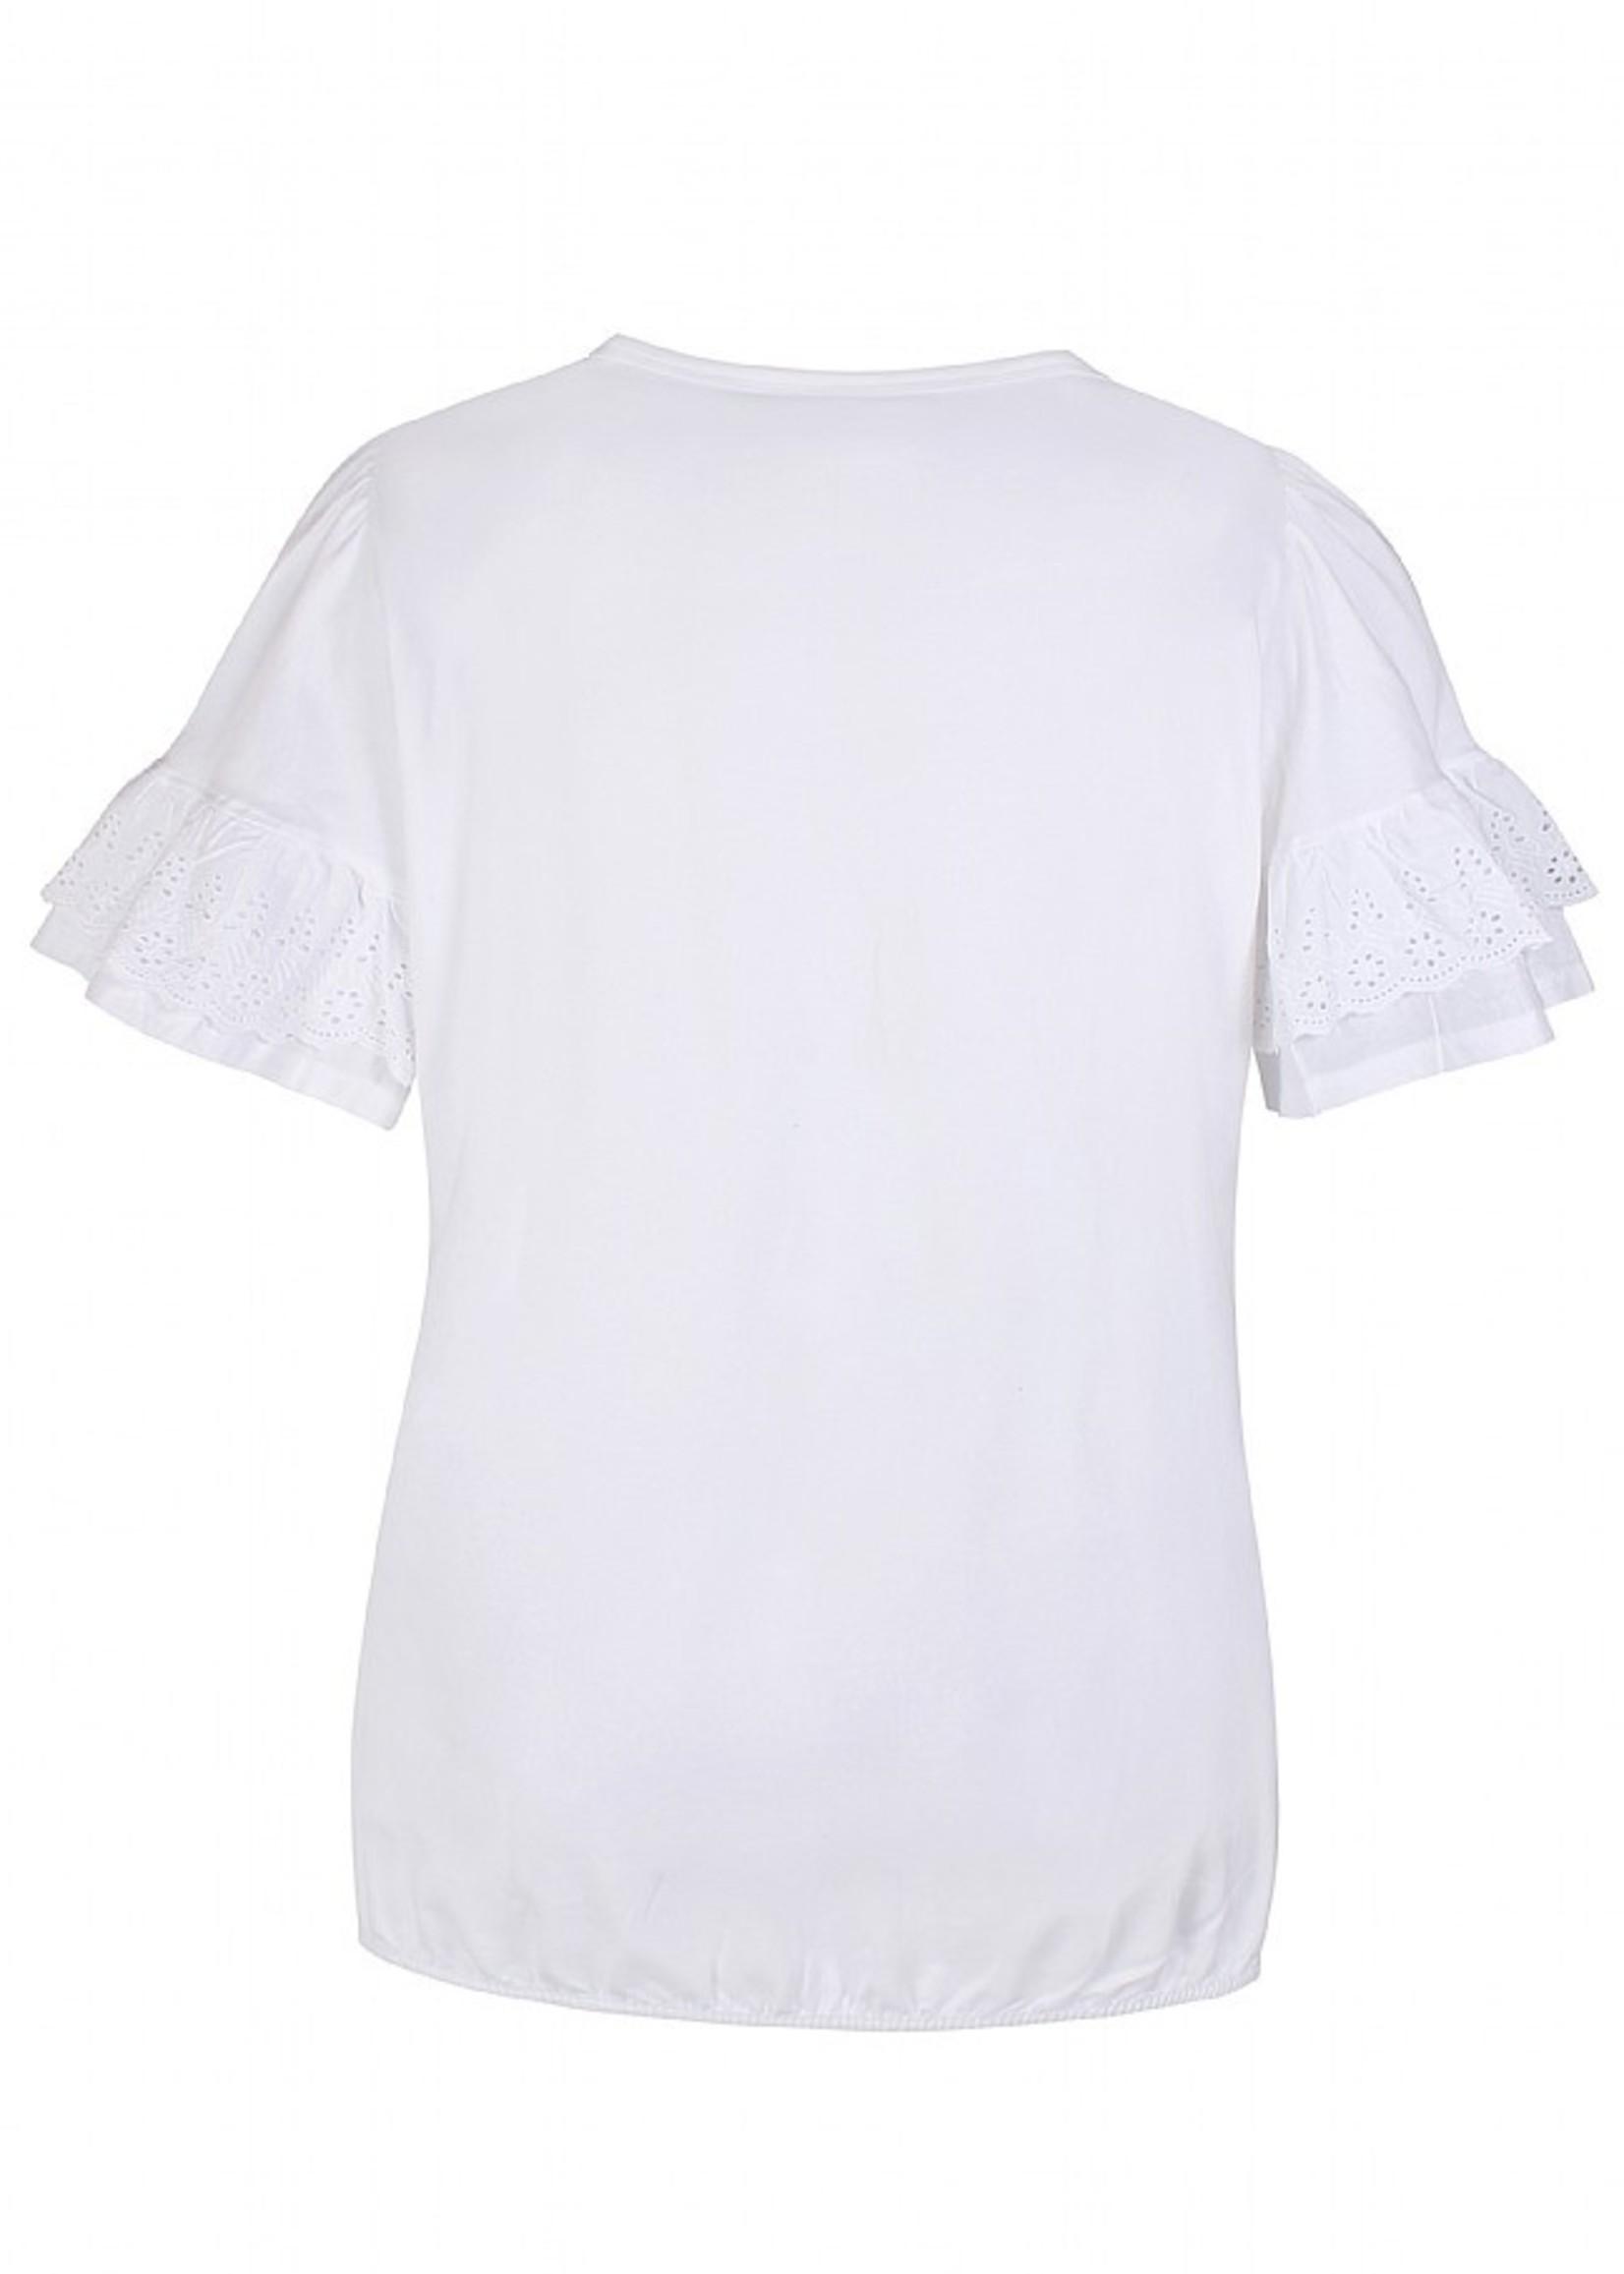 Zhenzi Zhenzi Gano T-shirt